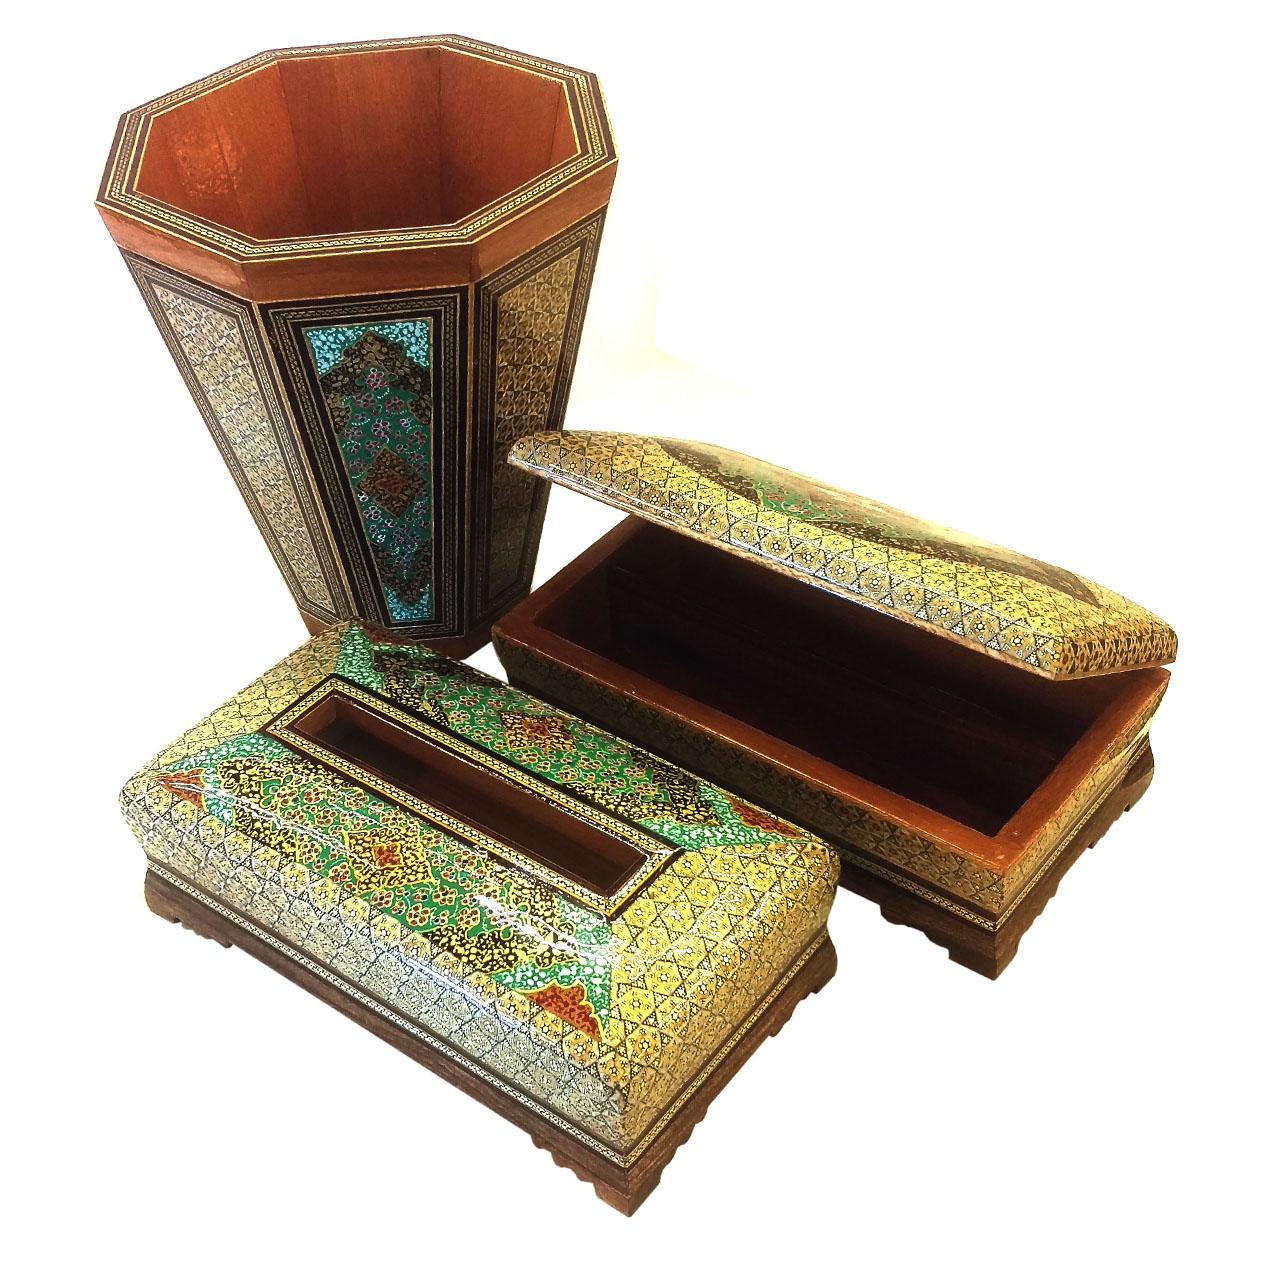 ست سطل و جعبه دستمال و جاکاردی خاتم لوح هنر کد 1067